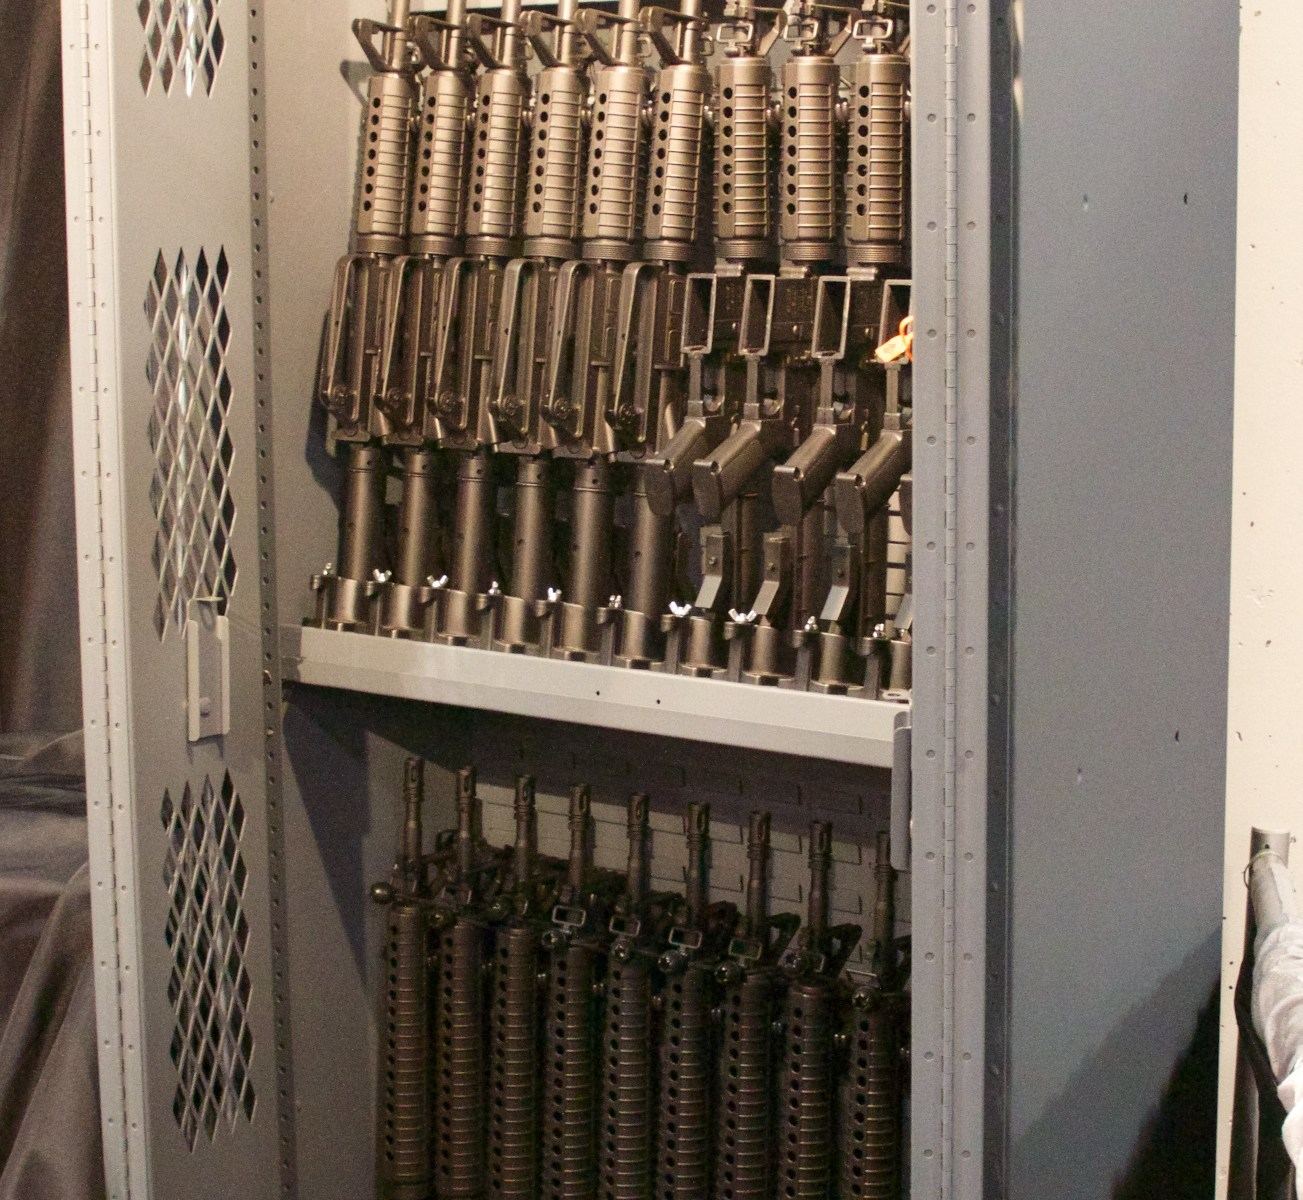 Armadio pieno di armi